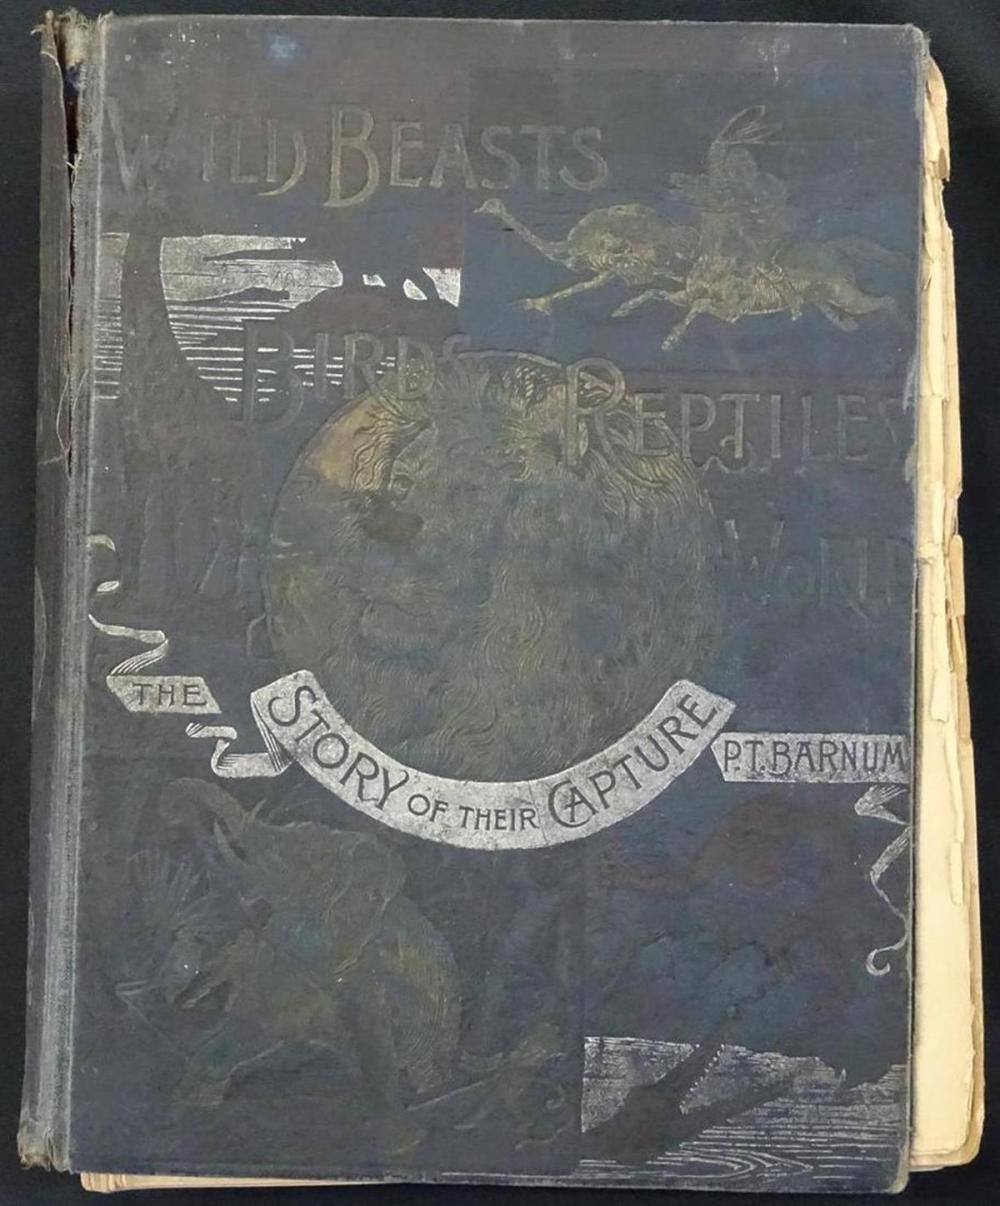 1891 P.T. BARNUM ILLUSTRATED BOOK